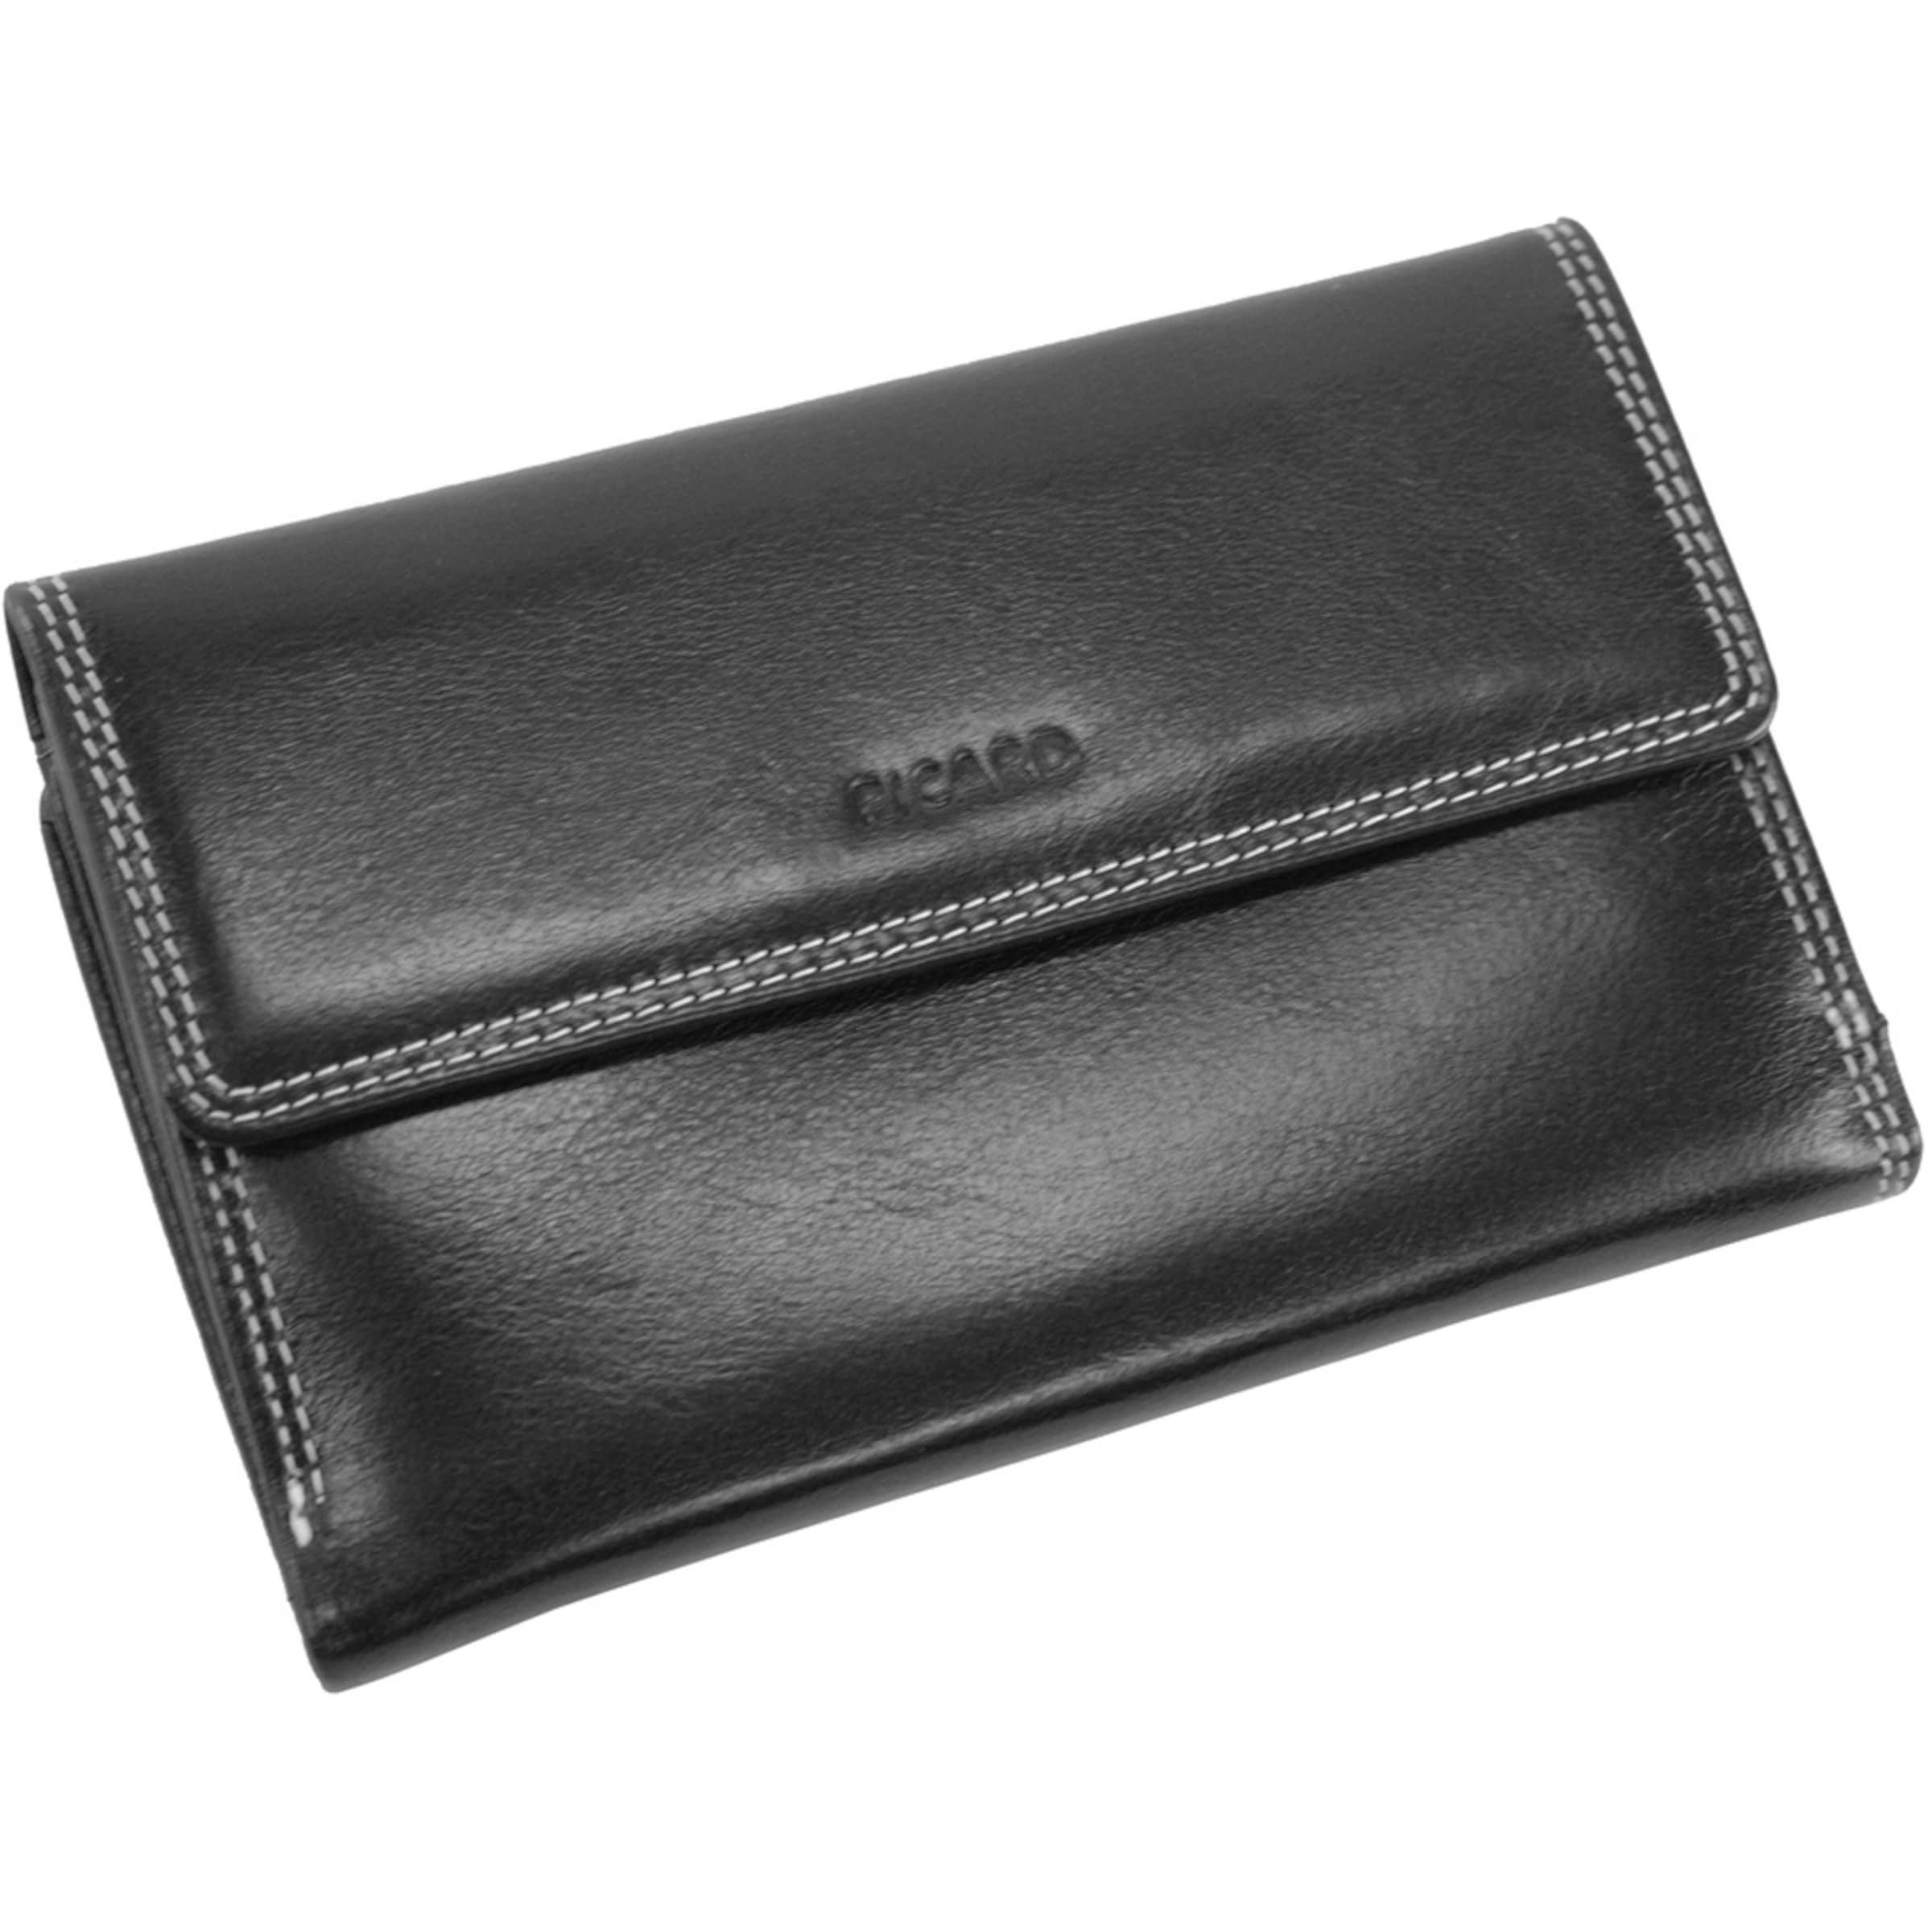 Picard Picard Porto Geldbörse Leder 14 cm Rabatt Mit Mastercard Günstig Kaufen Bestseller Neue Stile Zu Verkaufen v1eFLhPPga